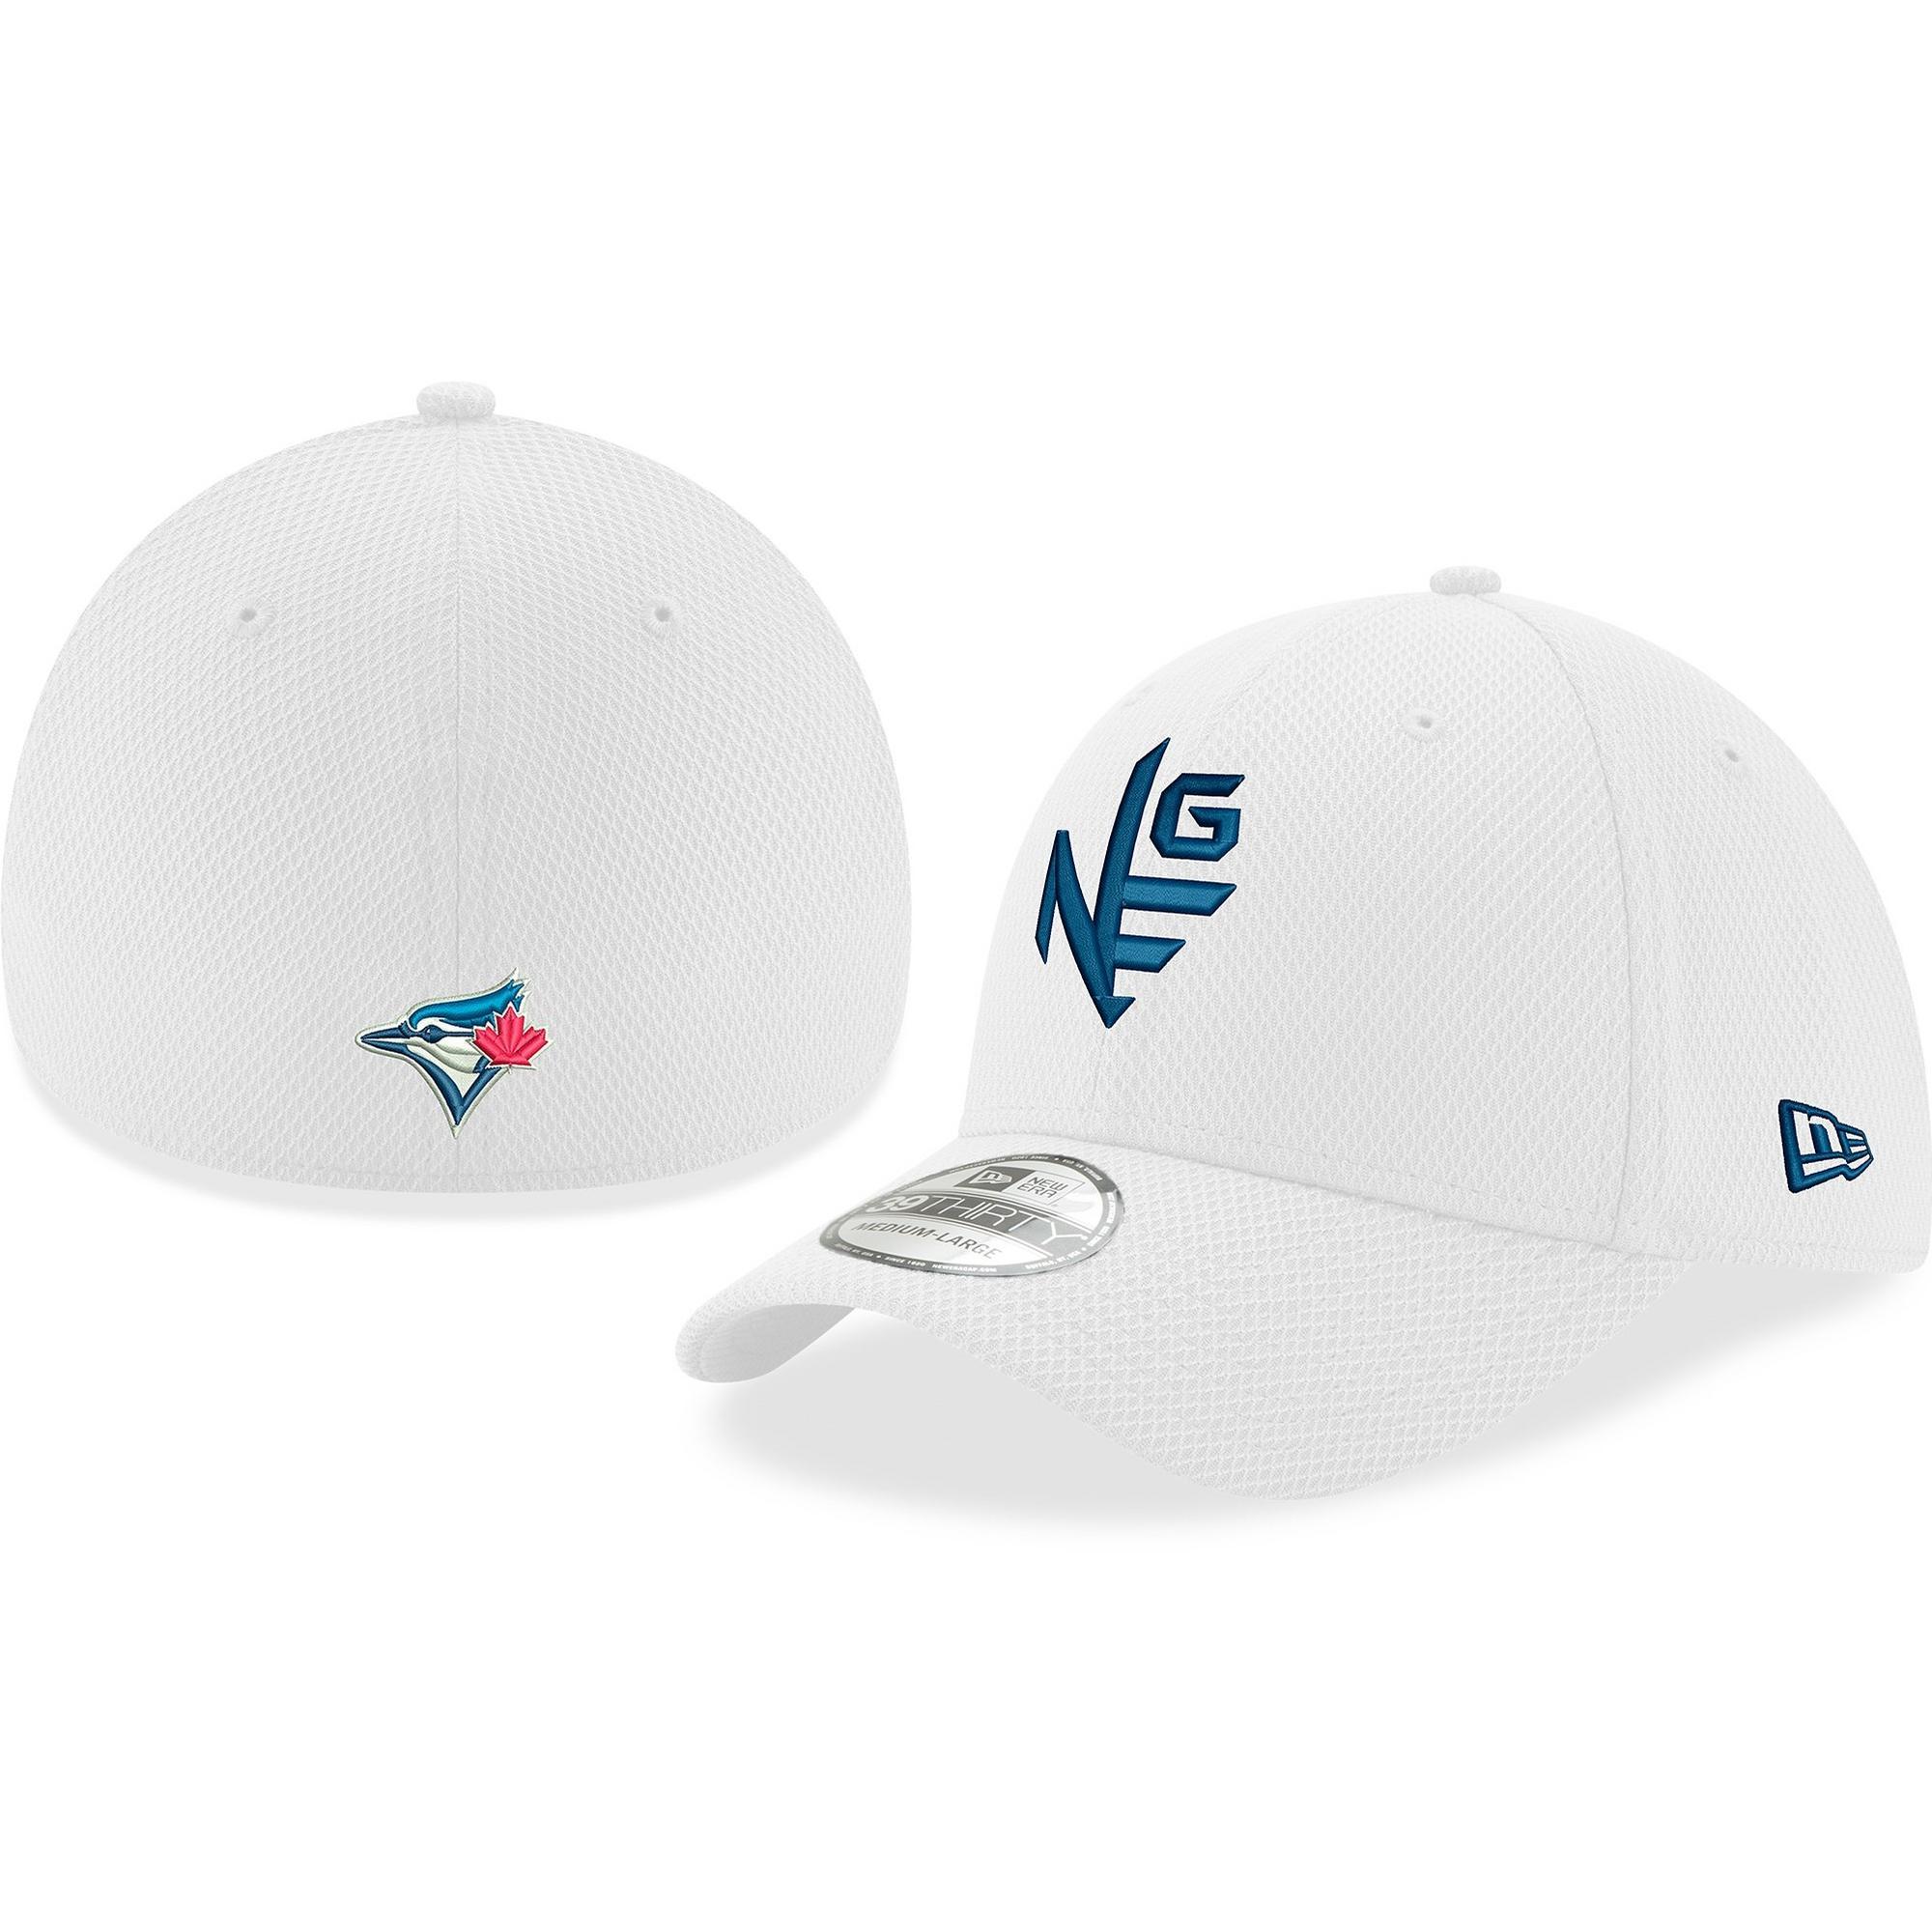 Men's Contour Stretch Blue Jays Cap